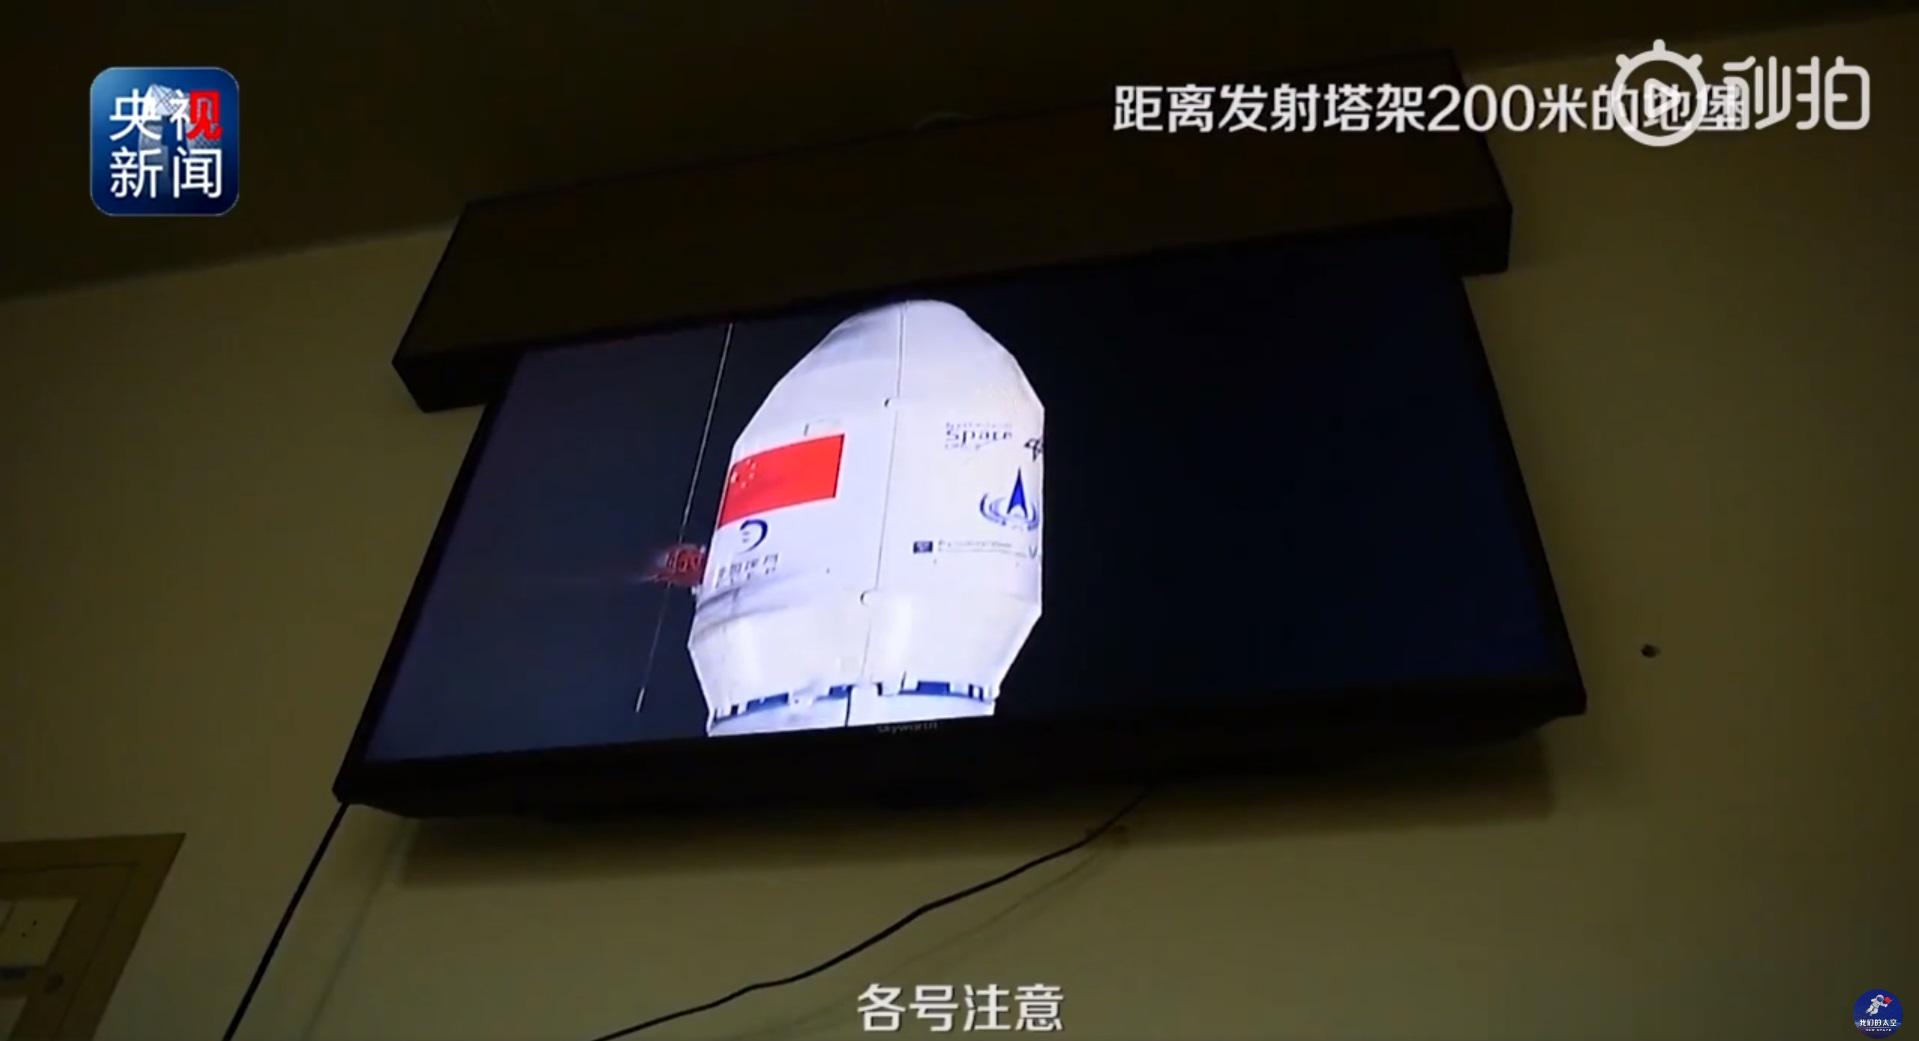 Суровая рабочая реальность — Китайский космодром Сичан (Xichang Satellite Launch Center — XSLC) - 108